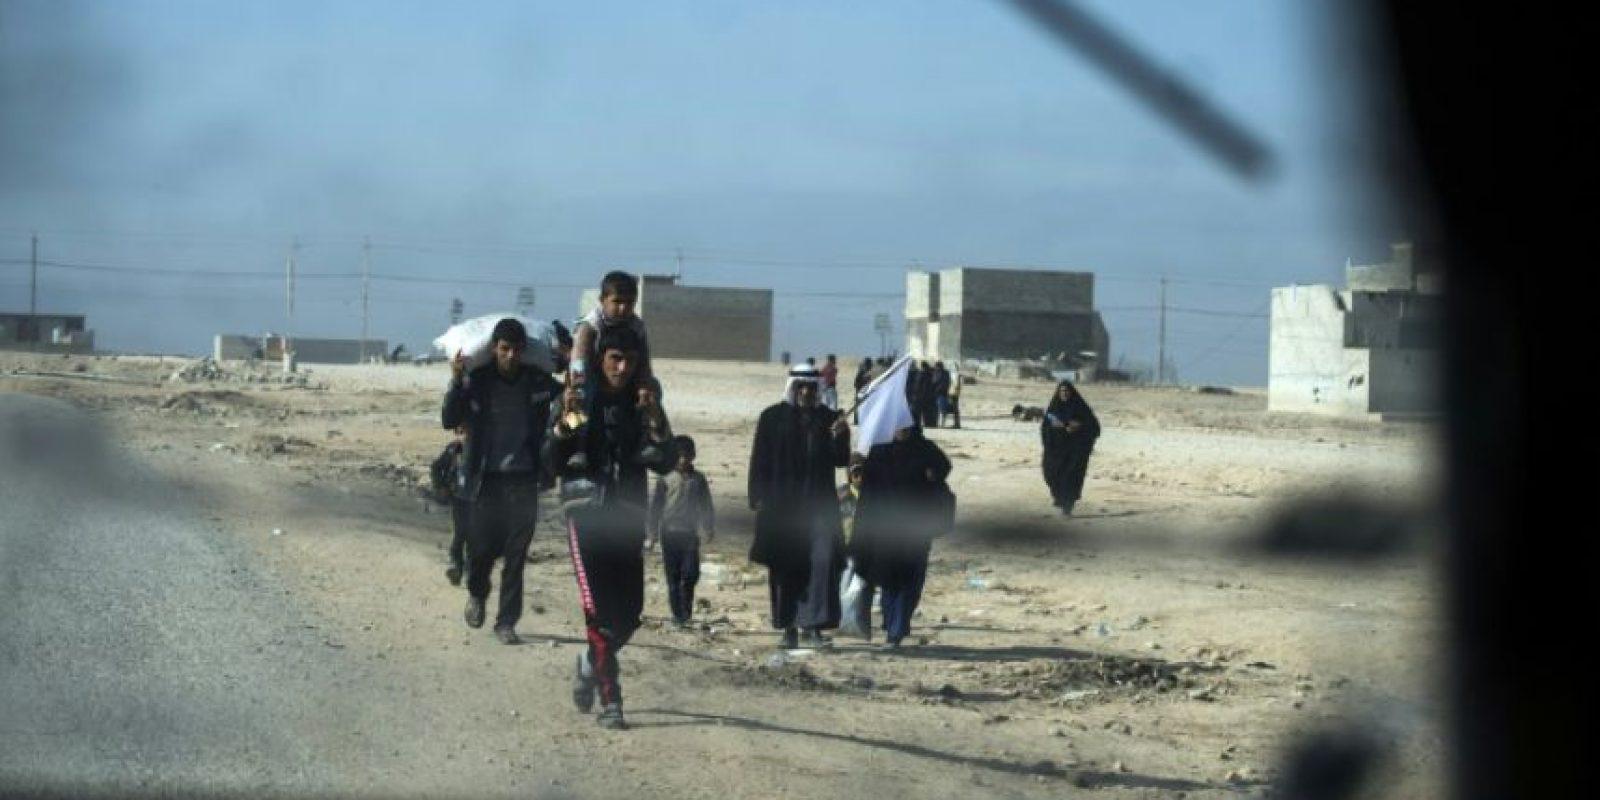 Un grupo de personas con una bandera blanca para expresar su actitud pacífica huye de los combates entre las fuerzas iraquíes y los yihadistas del grupo Estado Islámico (EI) cerca de Mosul, este 11 de noviembre de 2016 Foto:Odd Andersen/afp.com